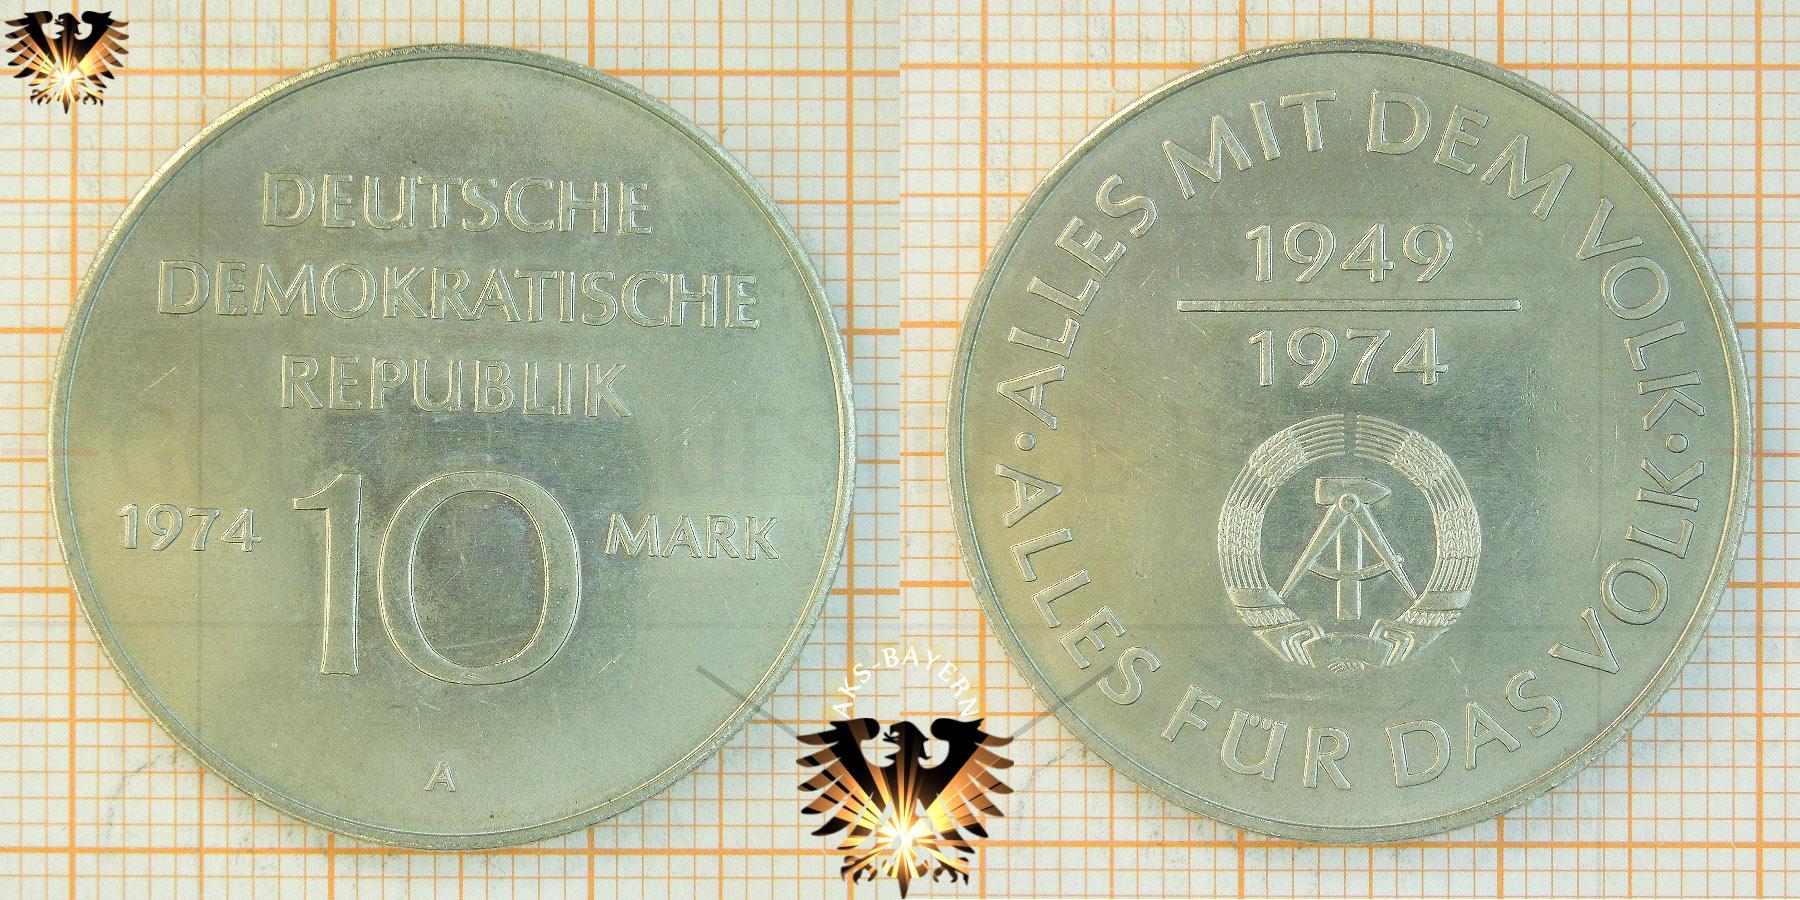 10 Mark Ddr 1974 Alles Mit Dem Volk Alles Für Das Volk 1949 1974